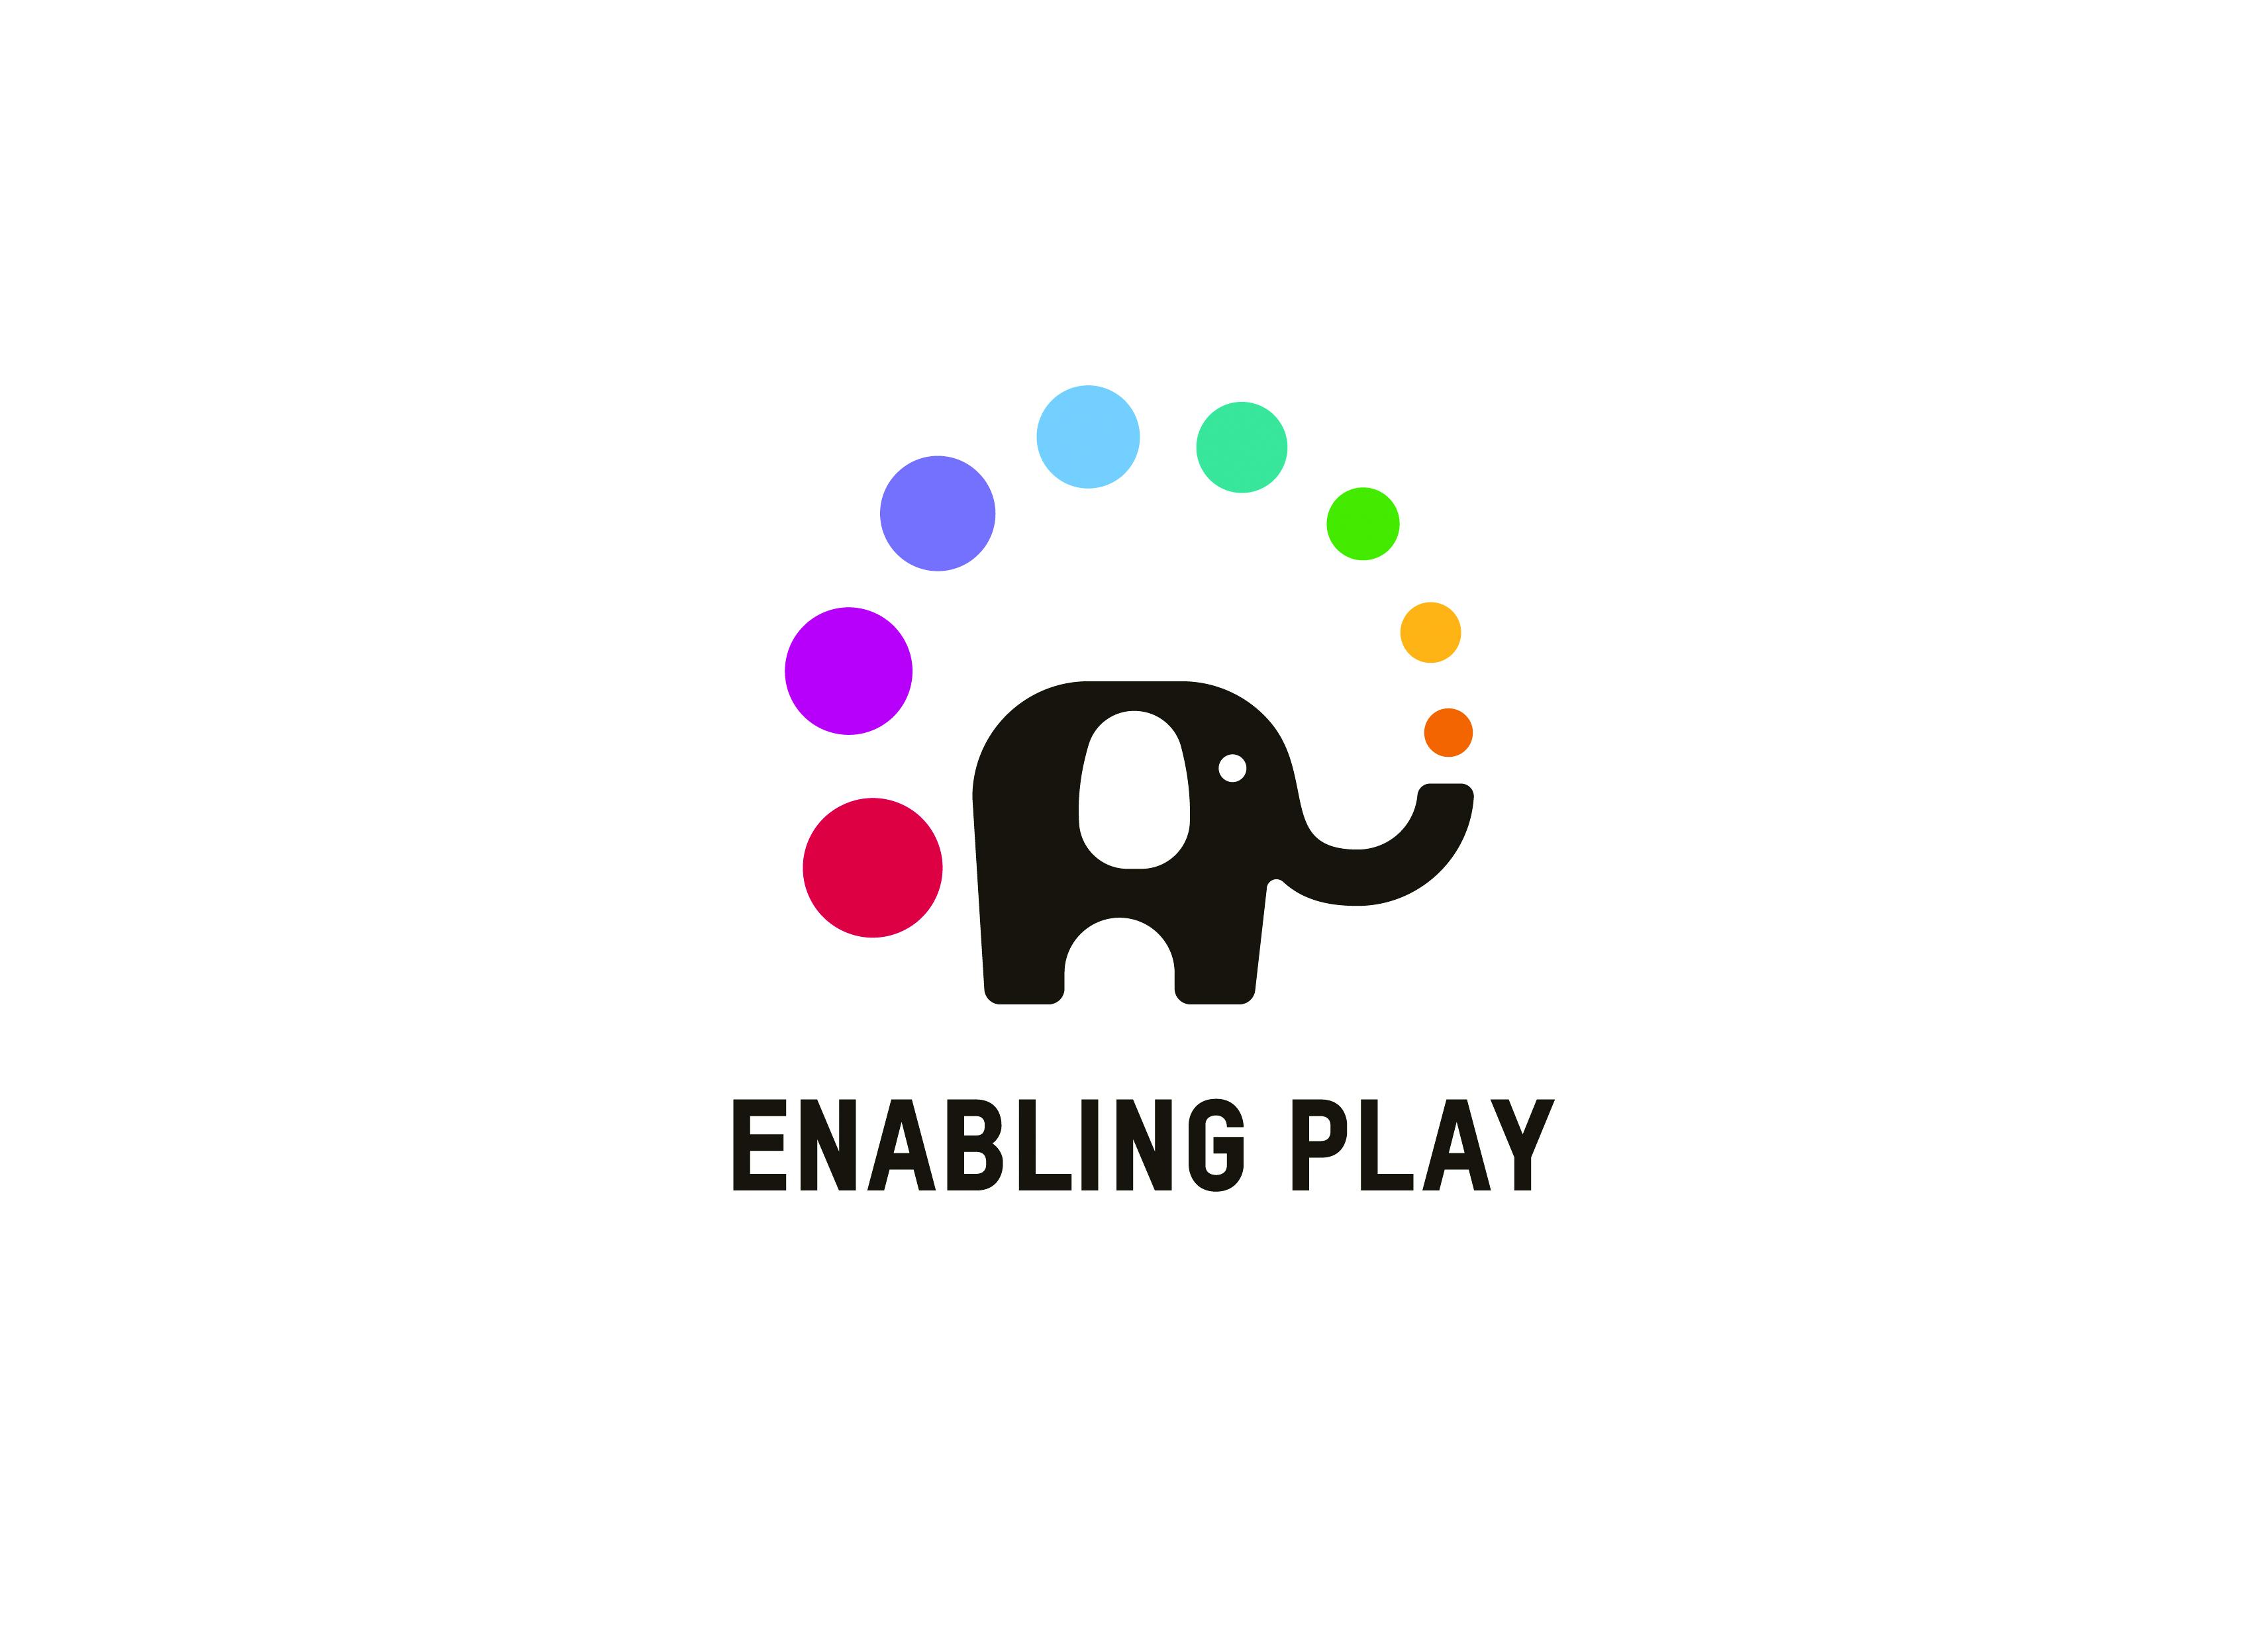 Enabling Play